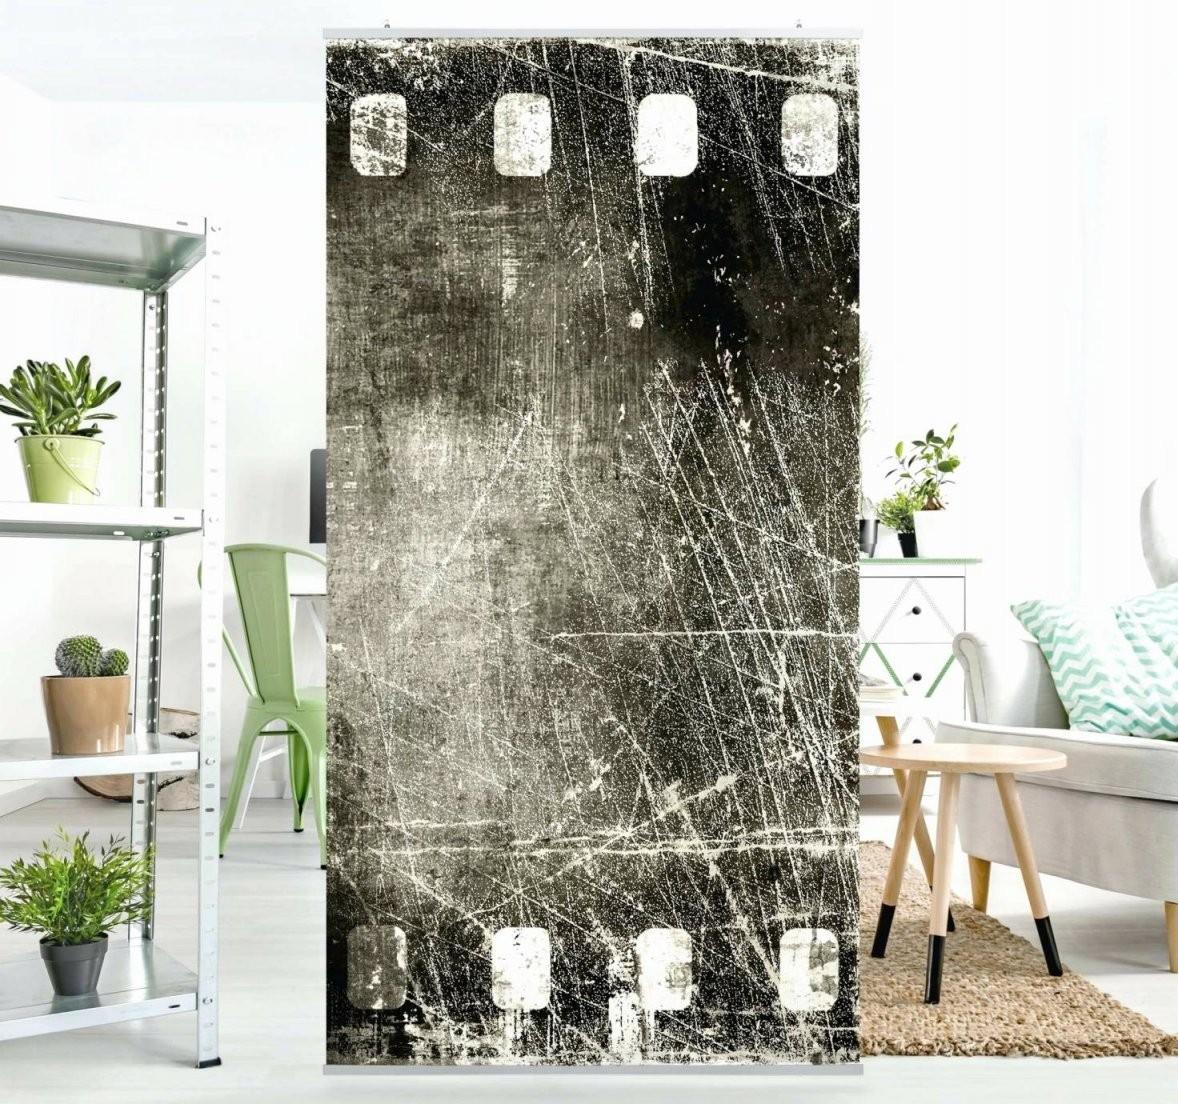 Vorhang Raumteiler Von Designs Von Vorhang Als Raumteiler With von Raumteiler Vorhang Selber Machen Photo